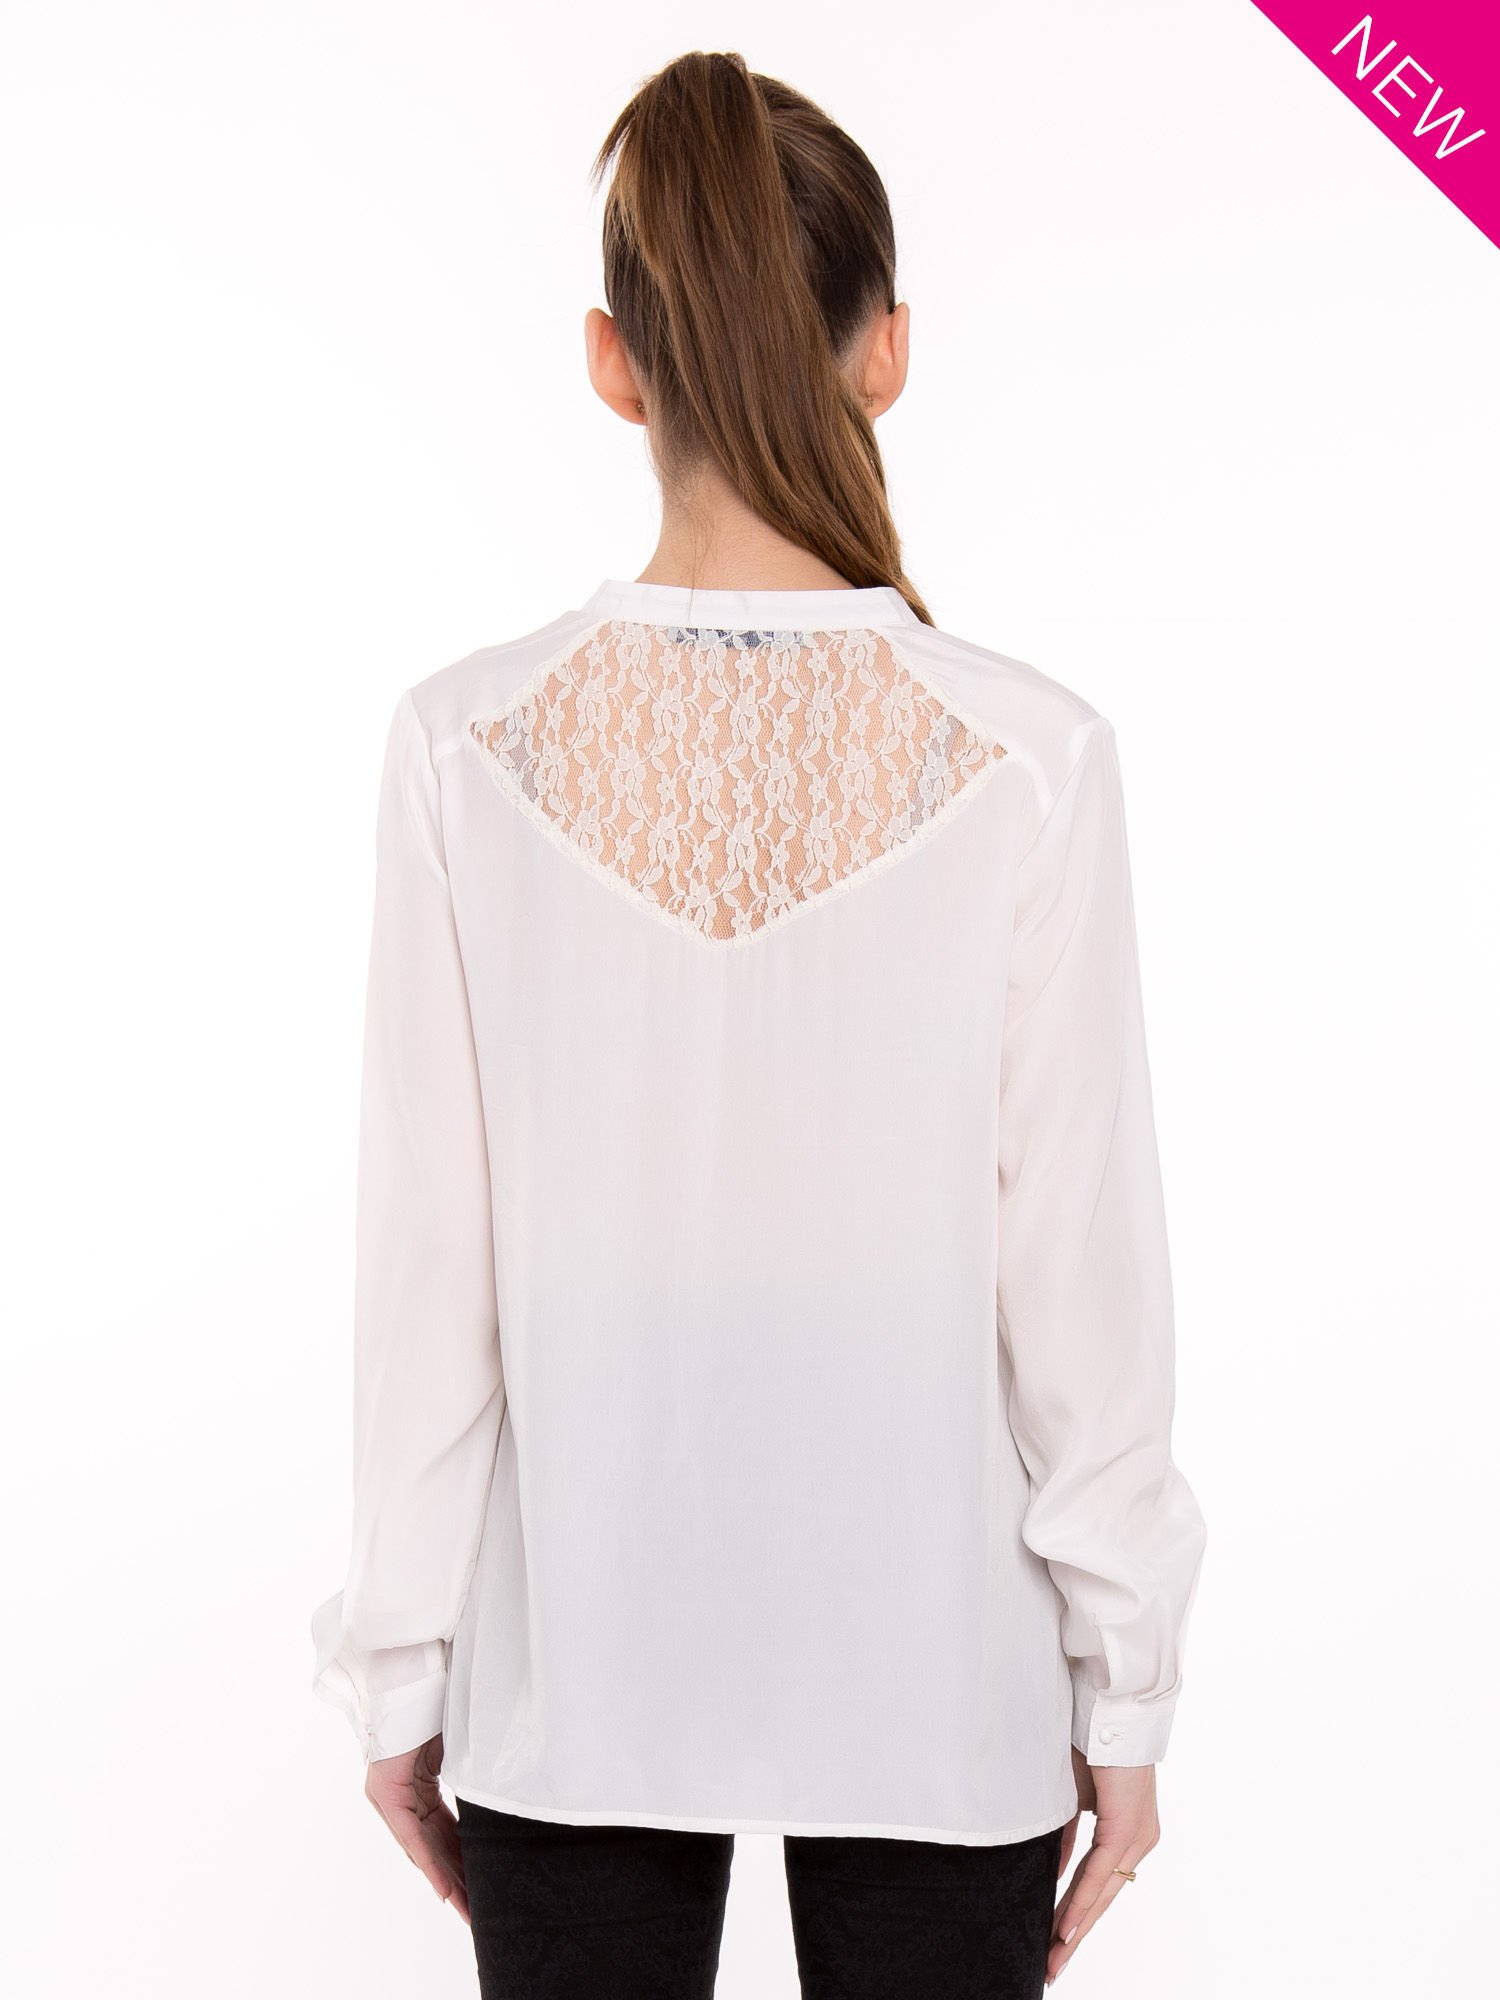 Biała koszula z koronkowym żabotem w stylu wiktoriańskim                                  zdj.                                  3